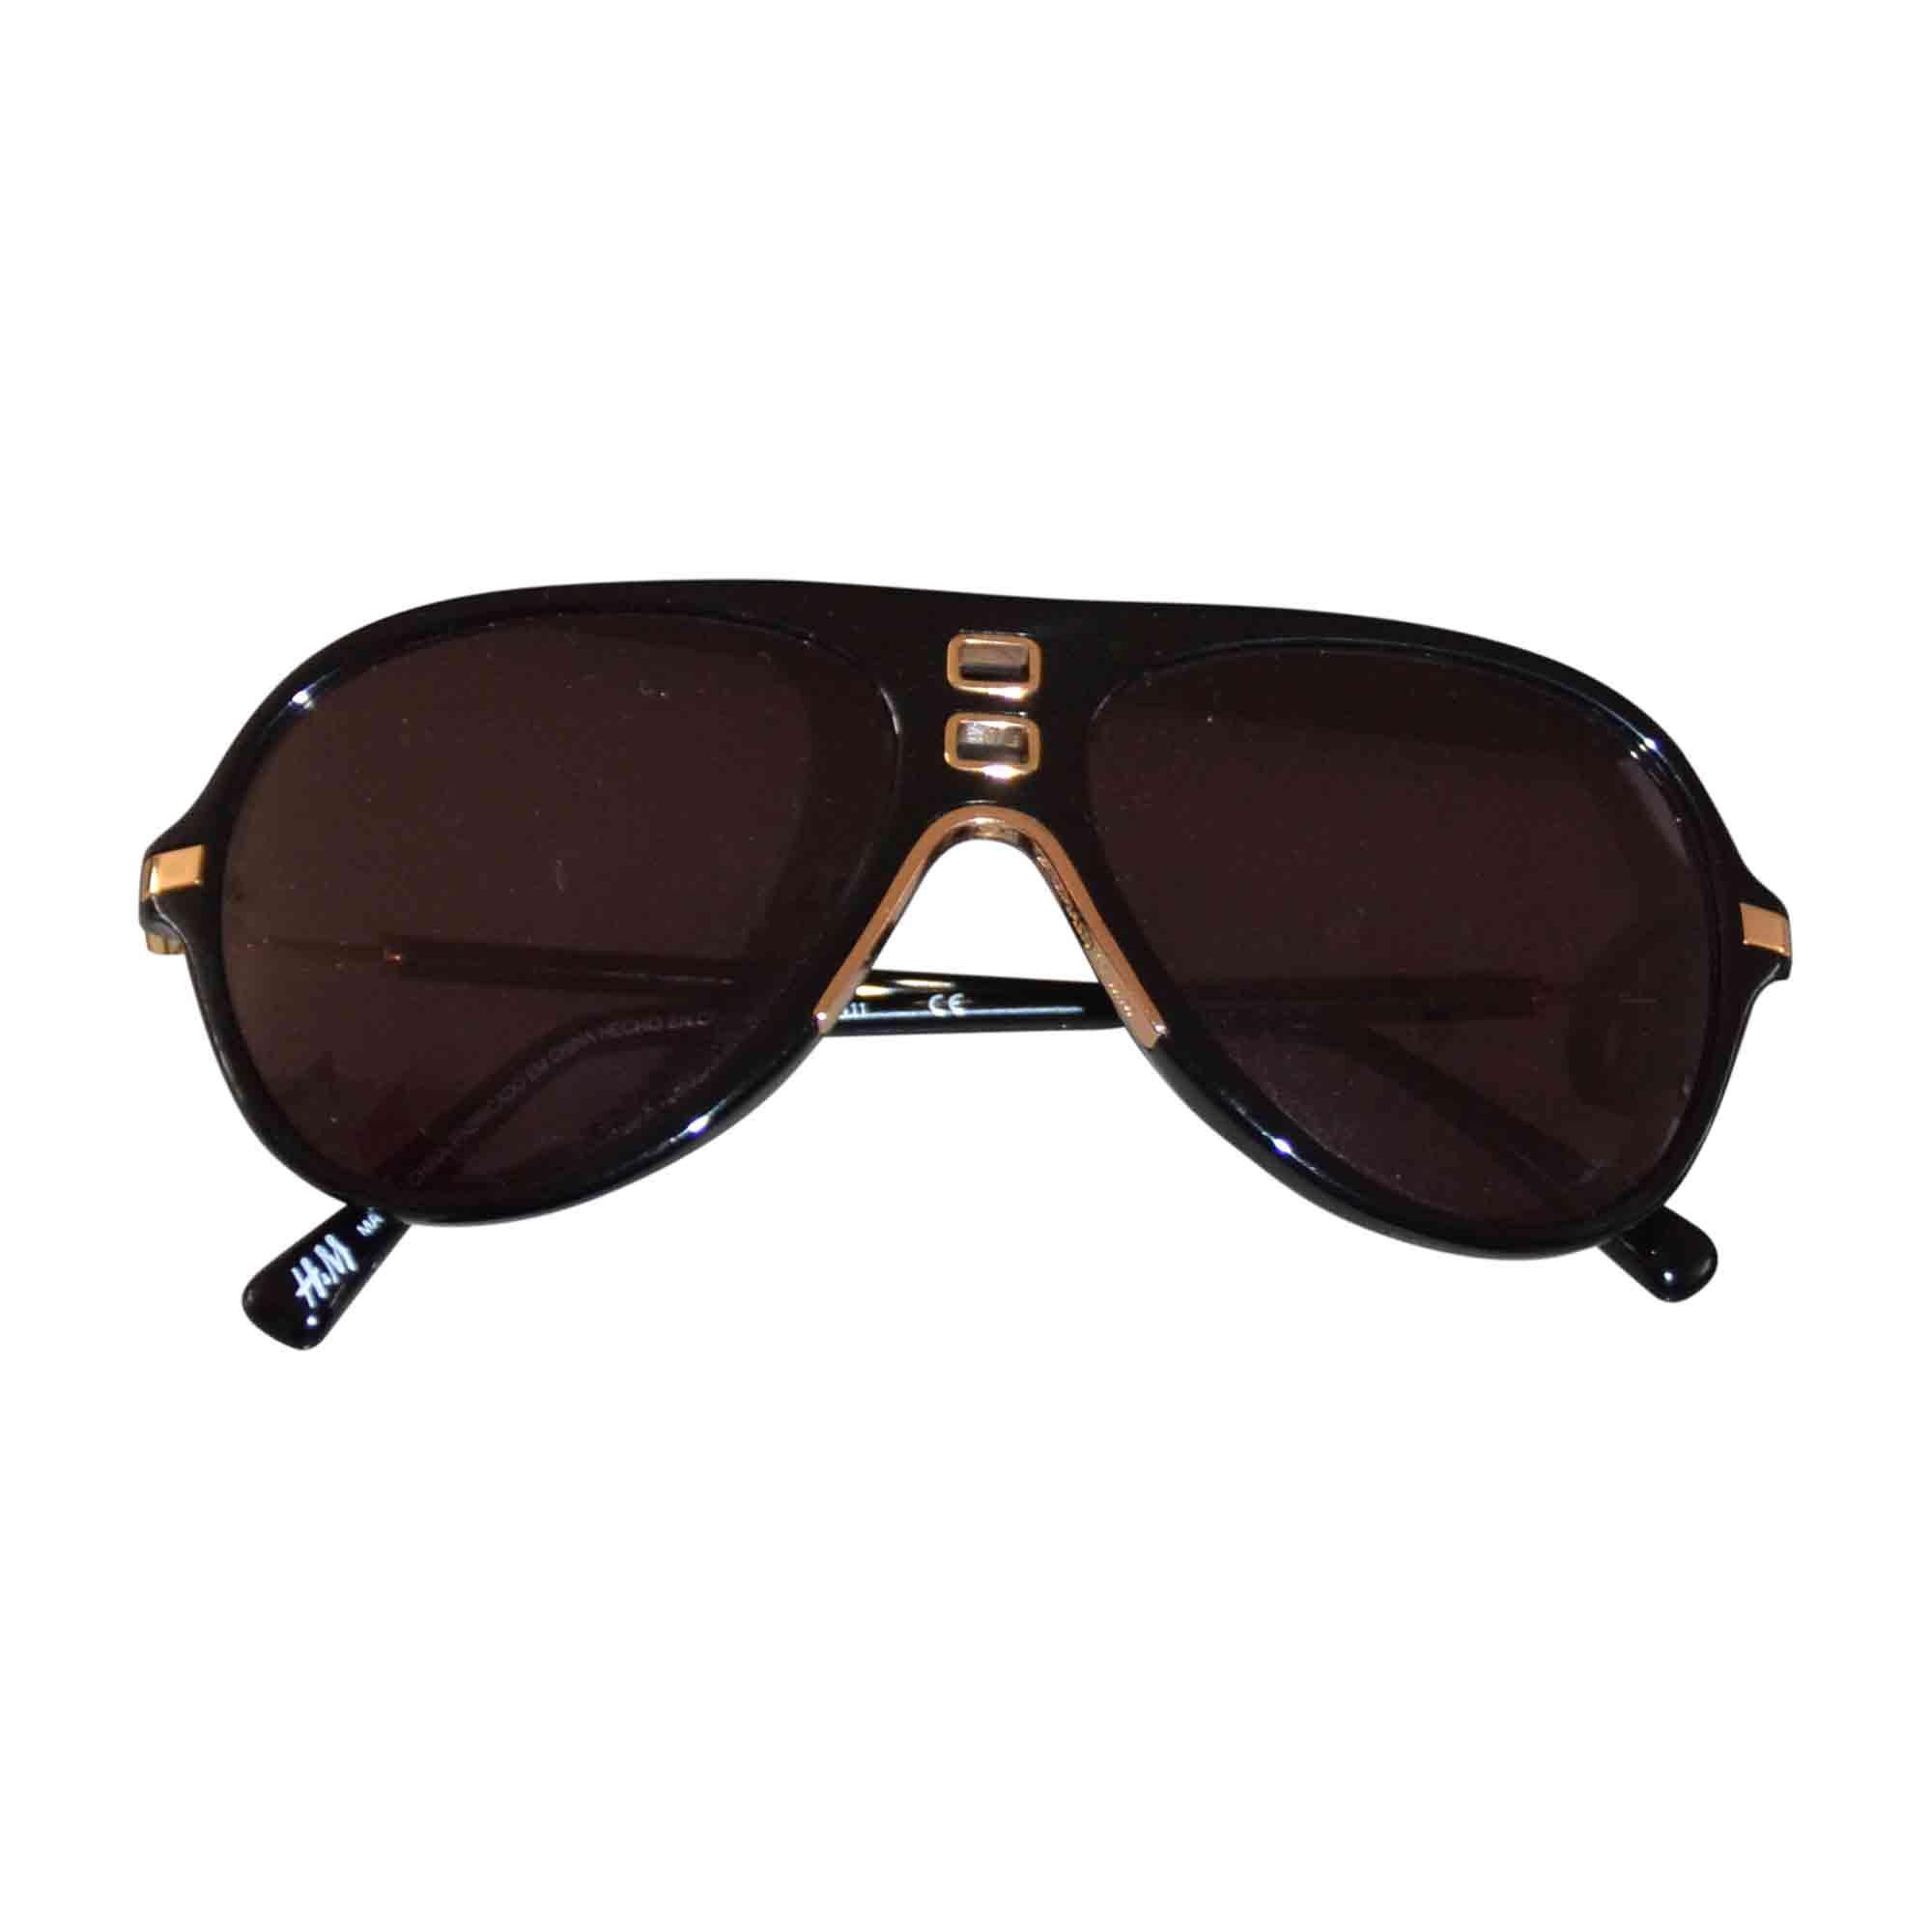 Lunettes de soleil BALMAIN X H&M noir ukZ5j